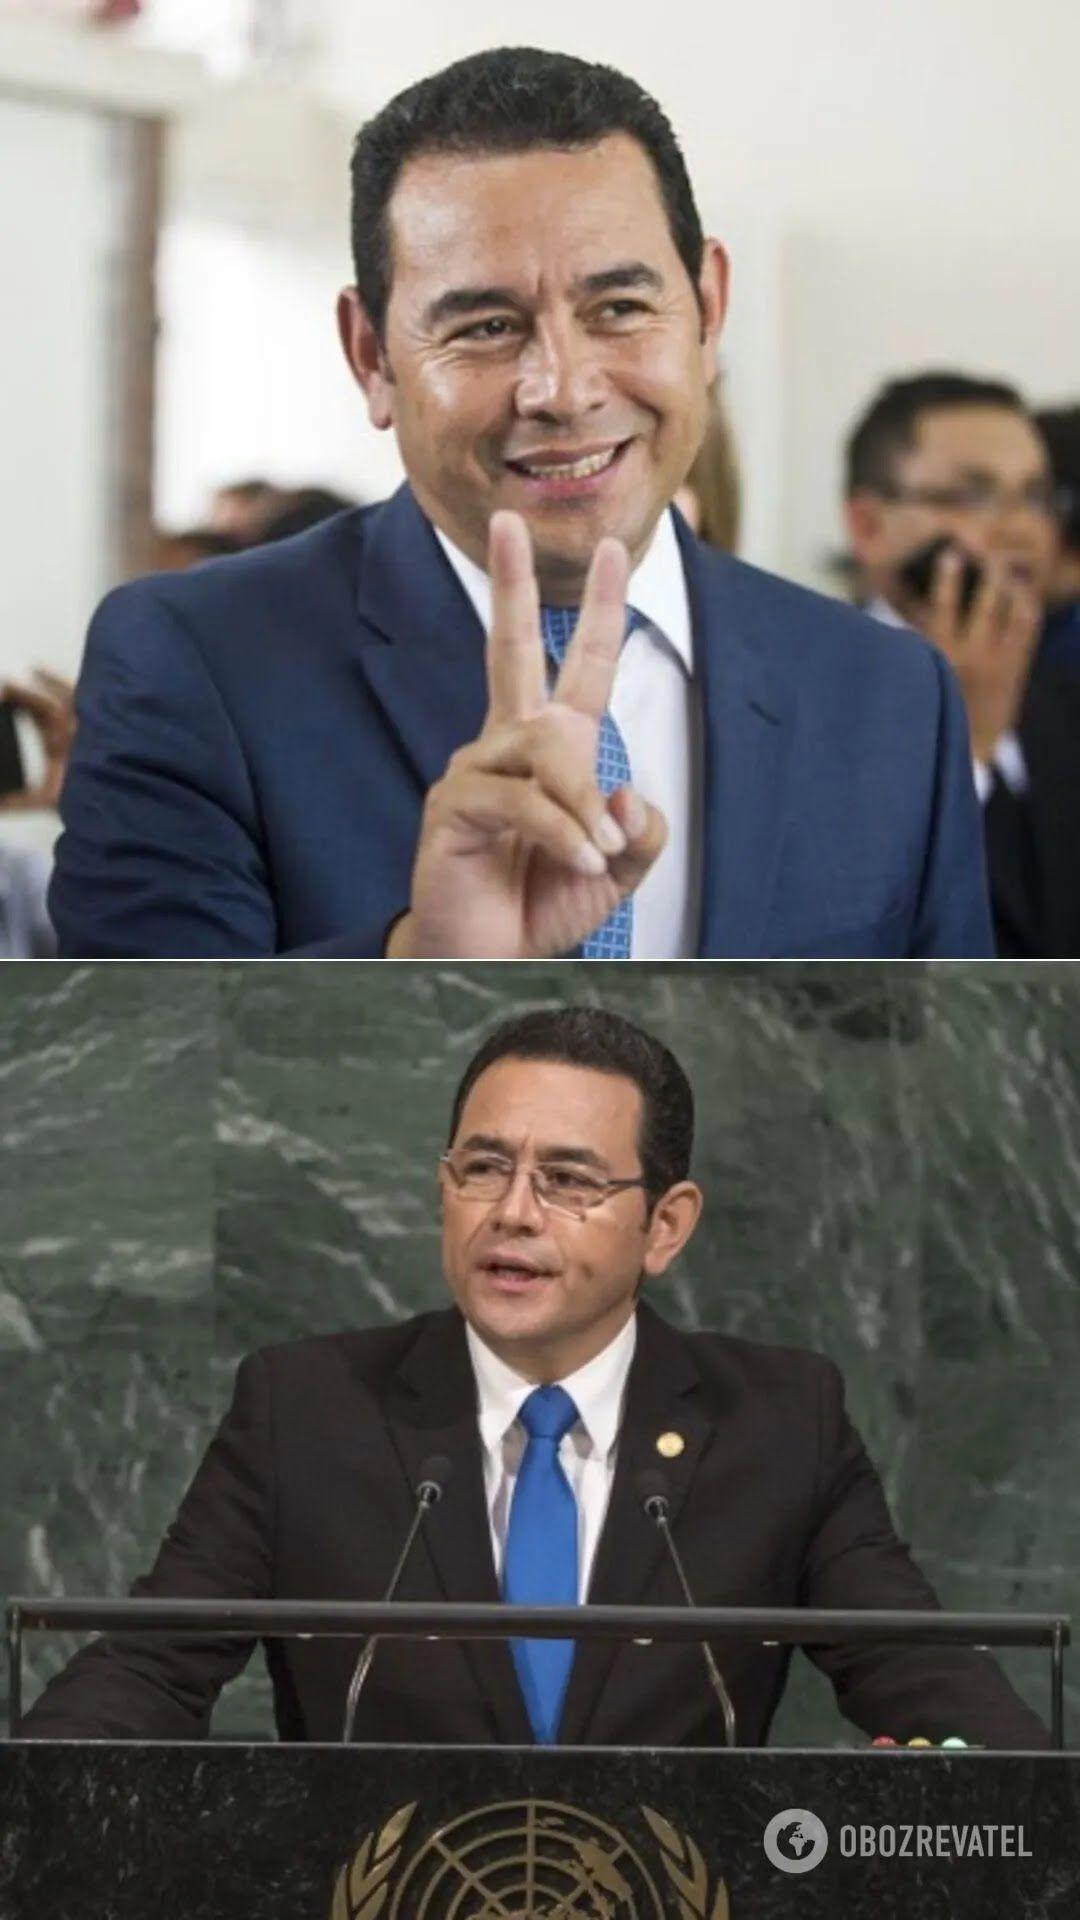 Комик Джимми Моралес – президент Гватемалы(с января 2016 года по январь 2020-го)